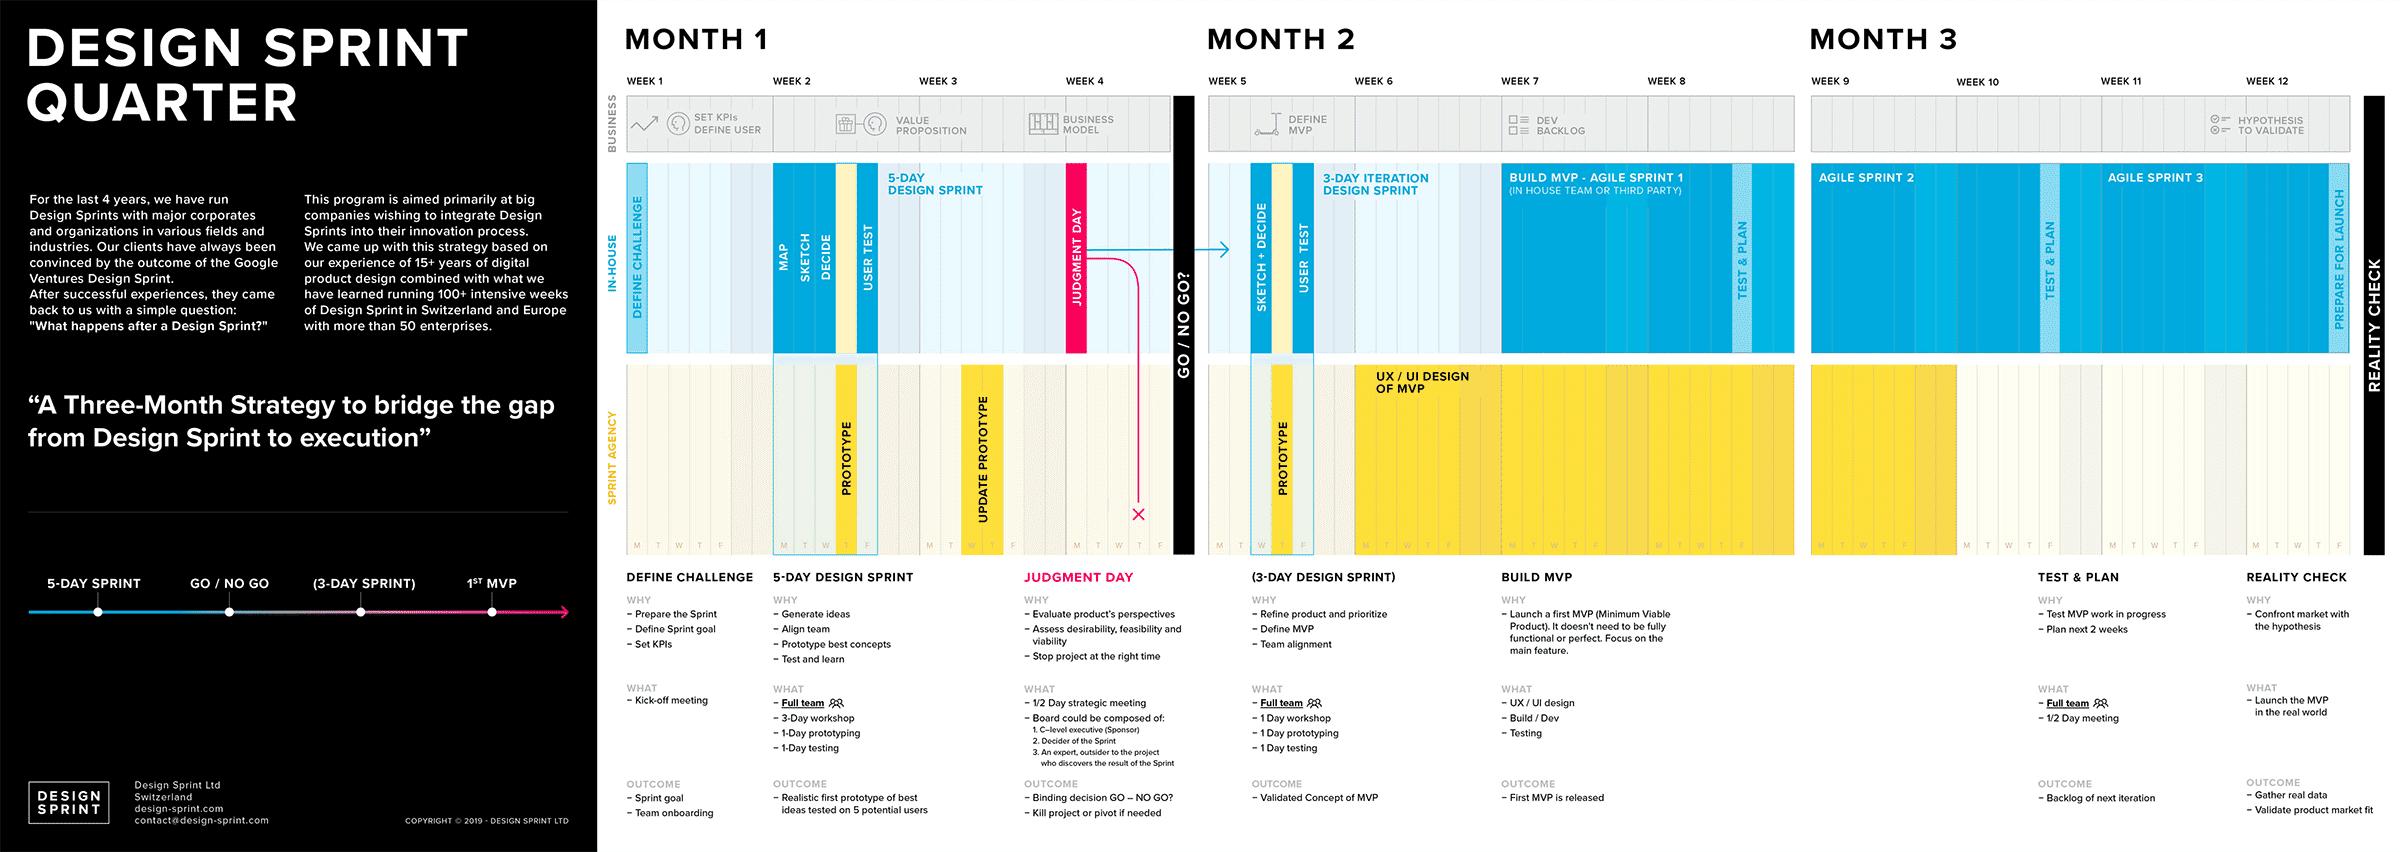 Design Sprint Quarter